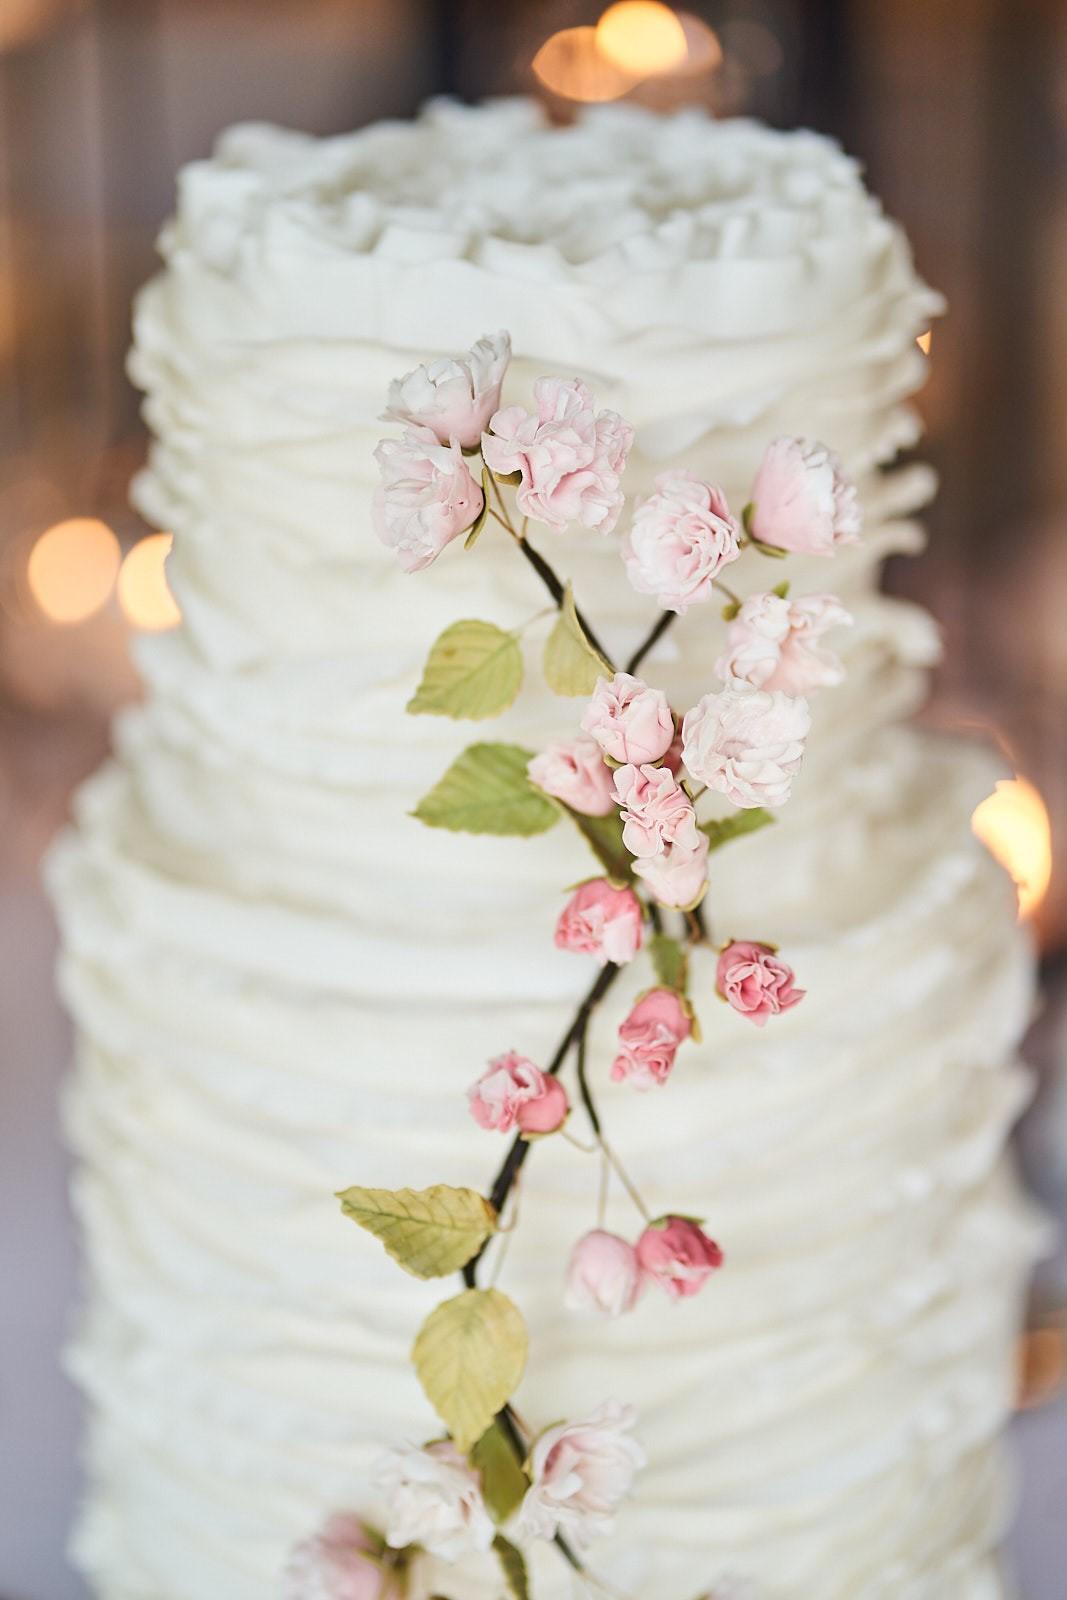 iscoyd-cake-white-ruffles